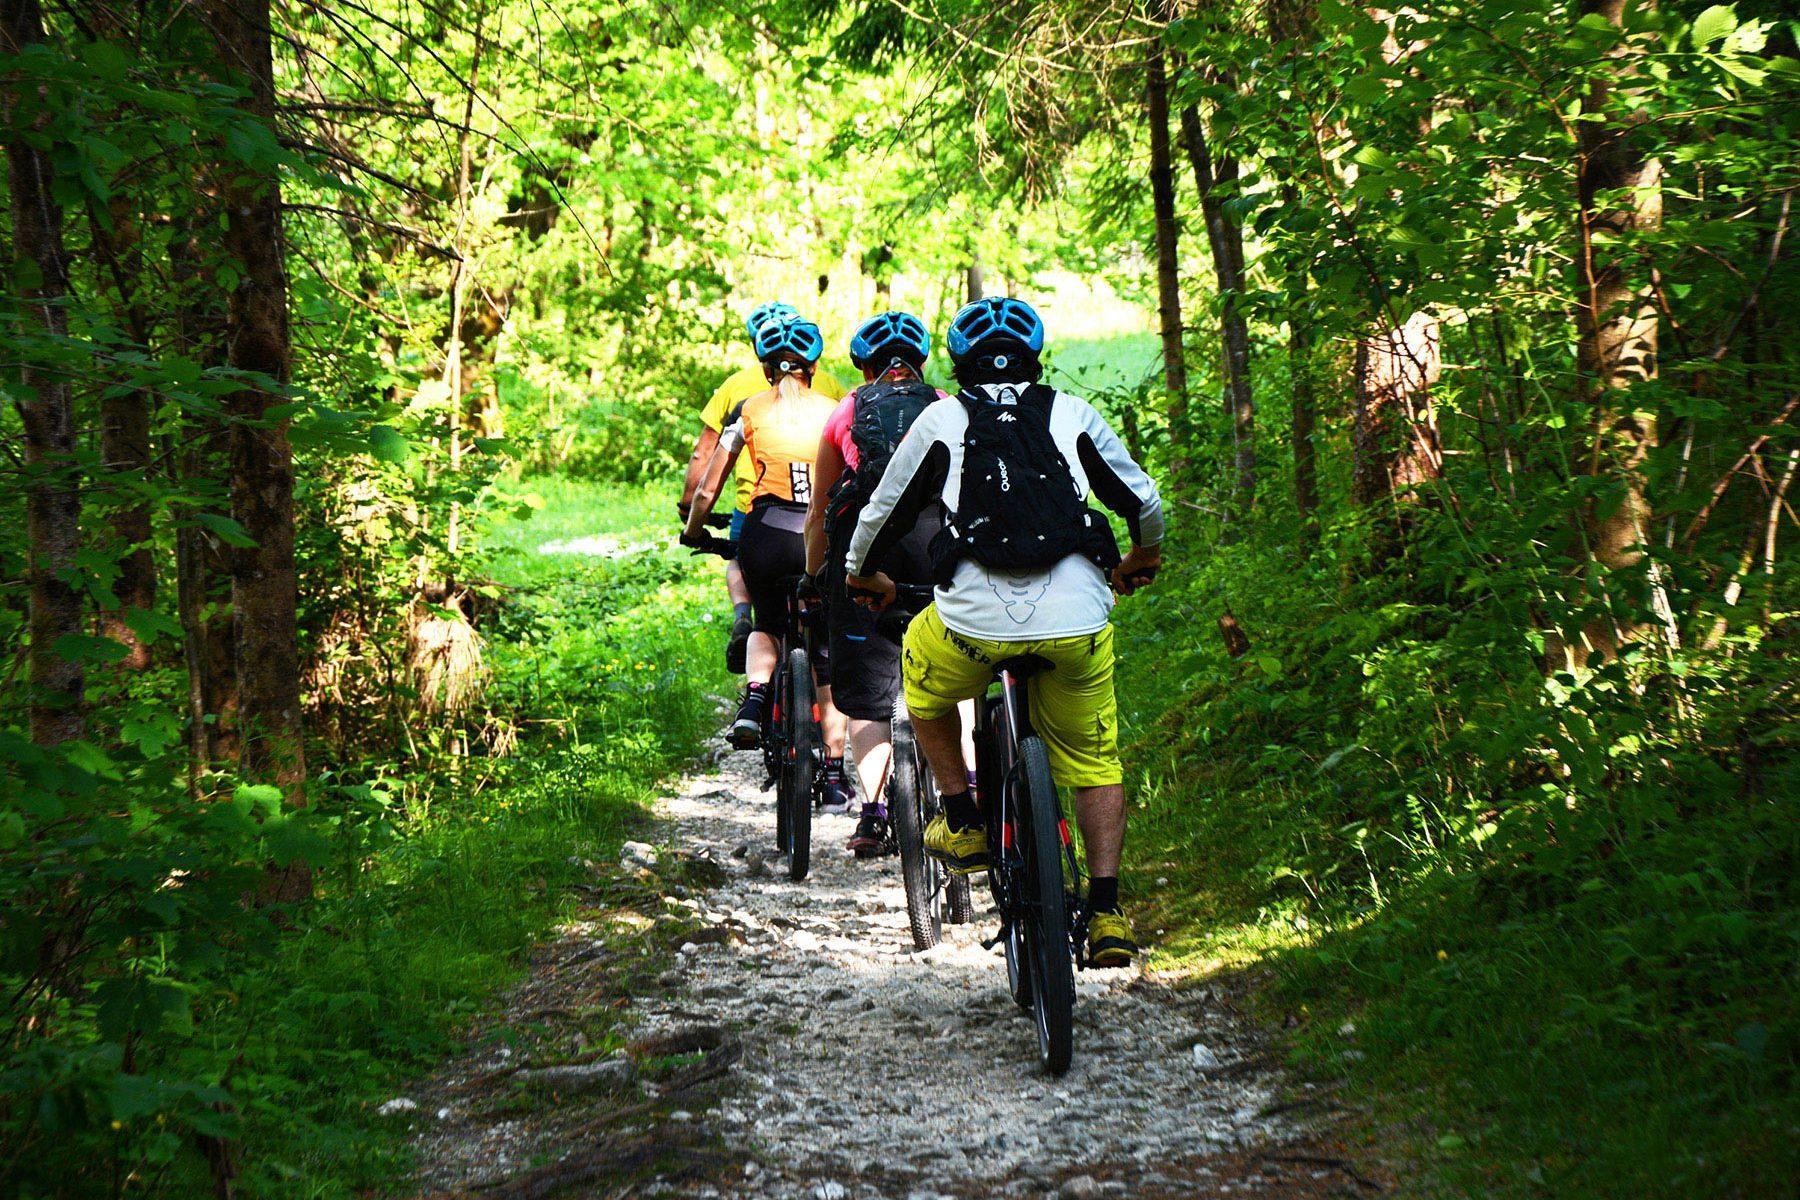 gorsko kolesarjenje alpe kolesa oprema